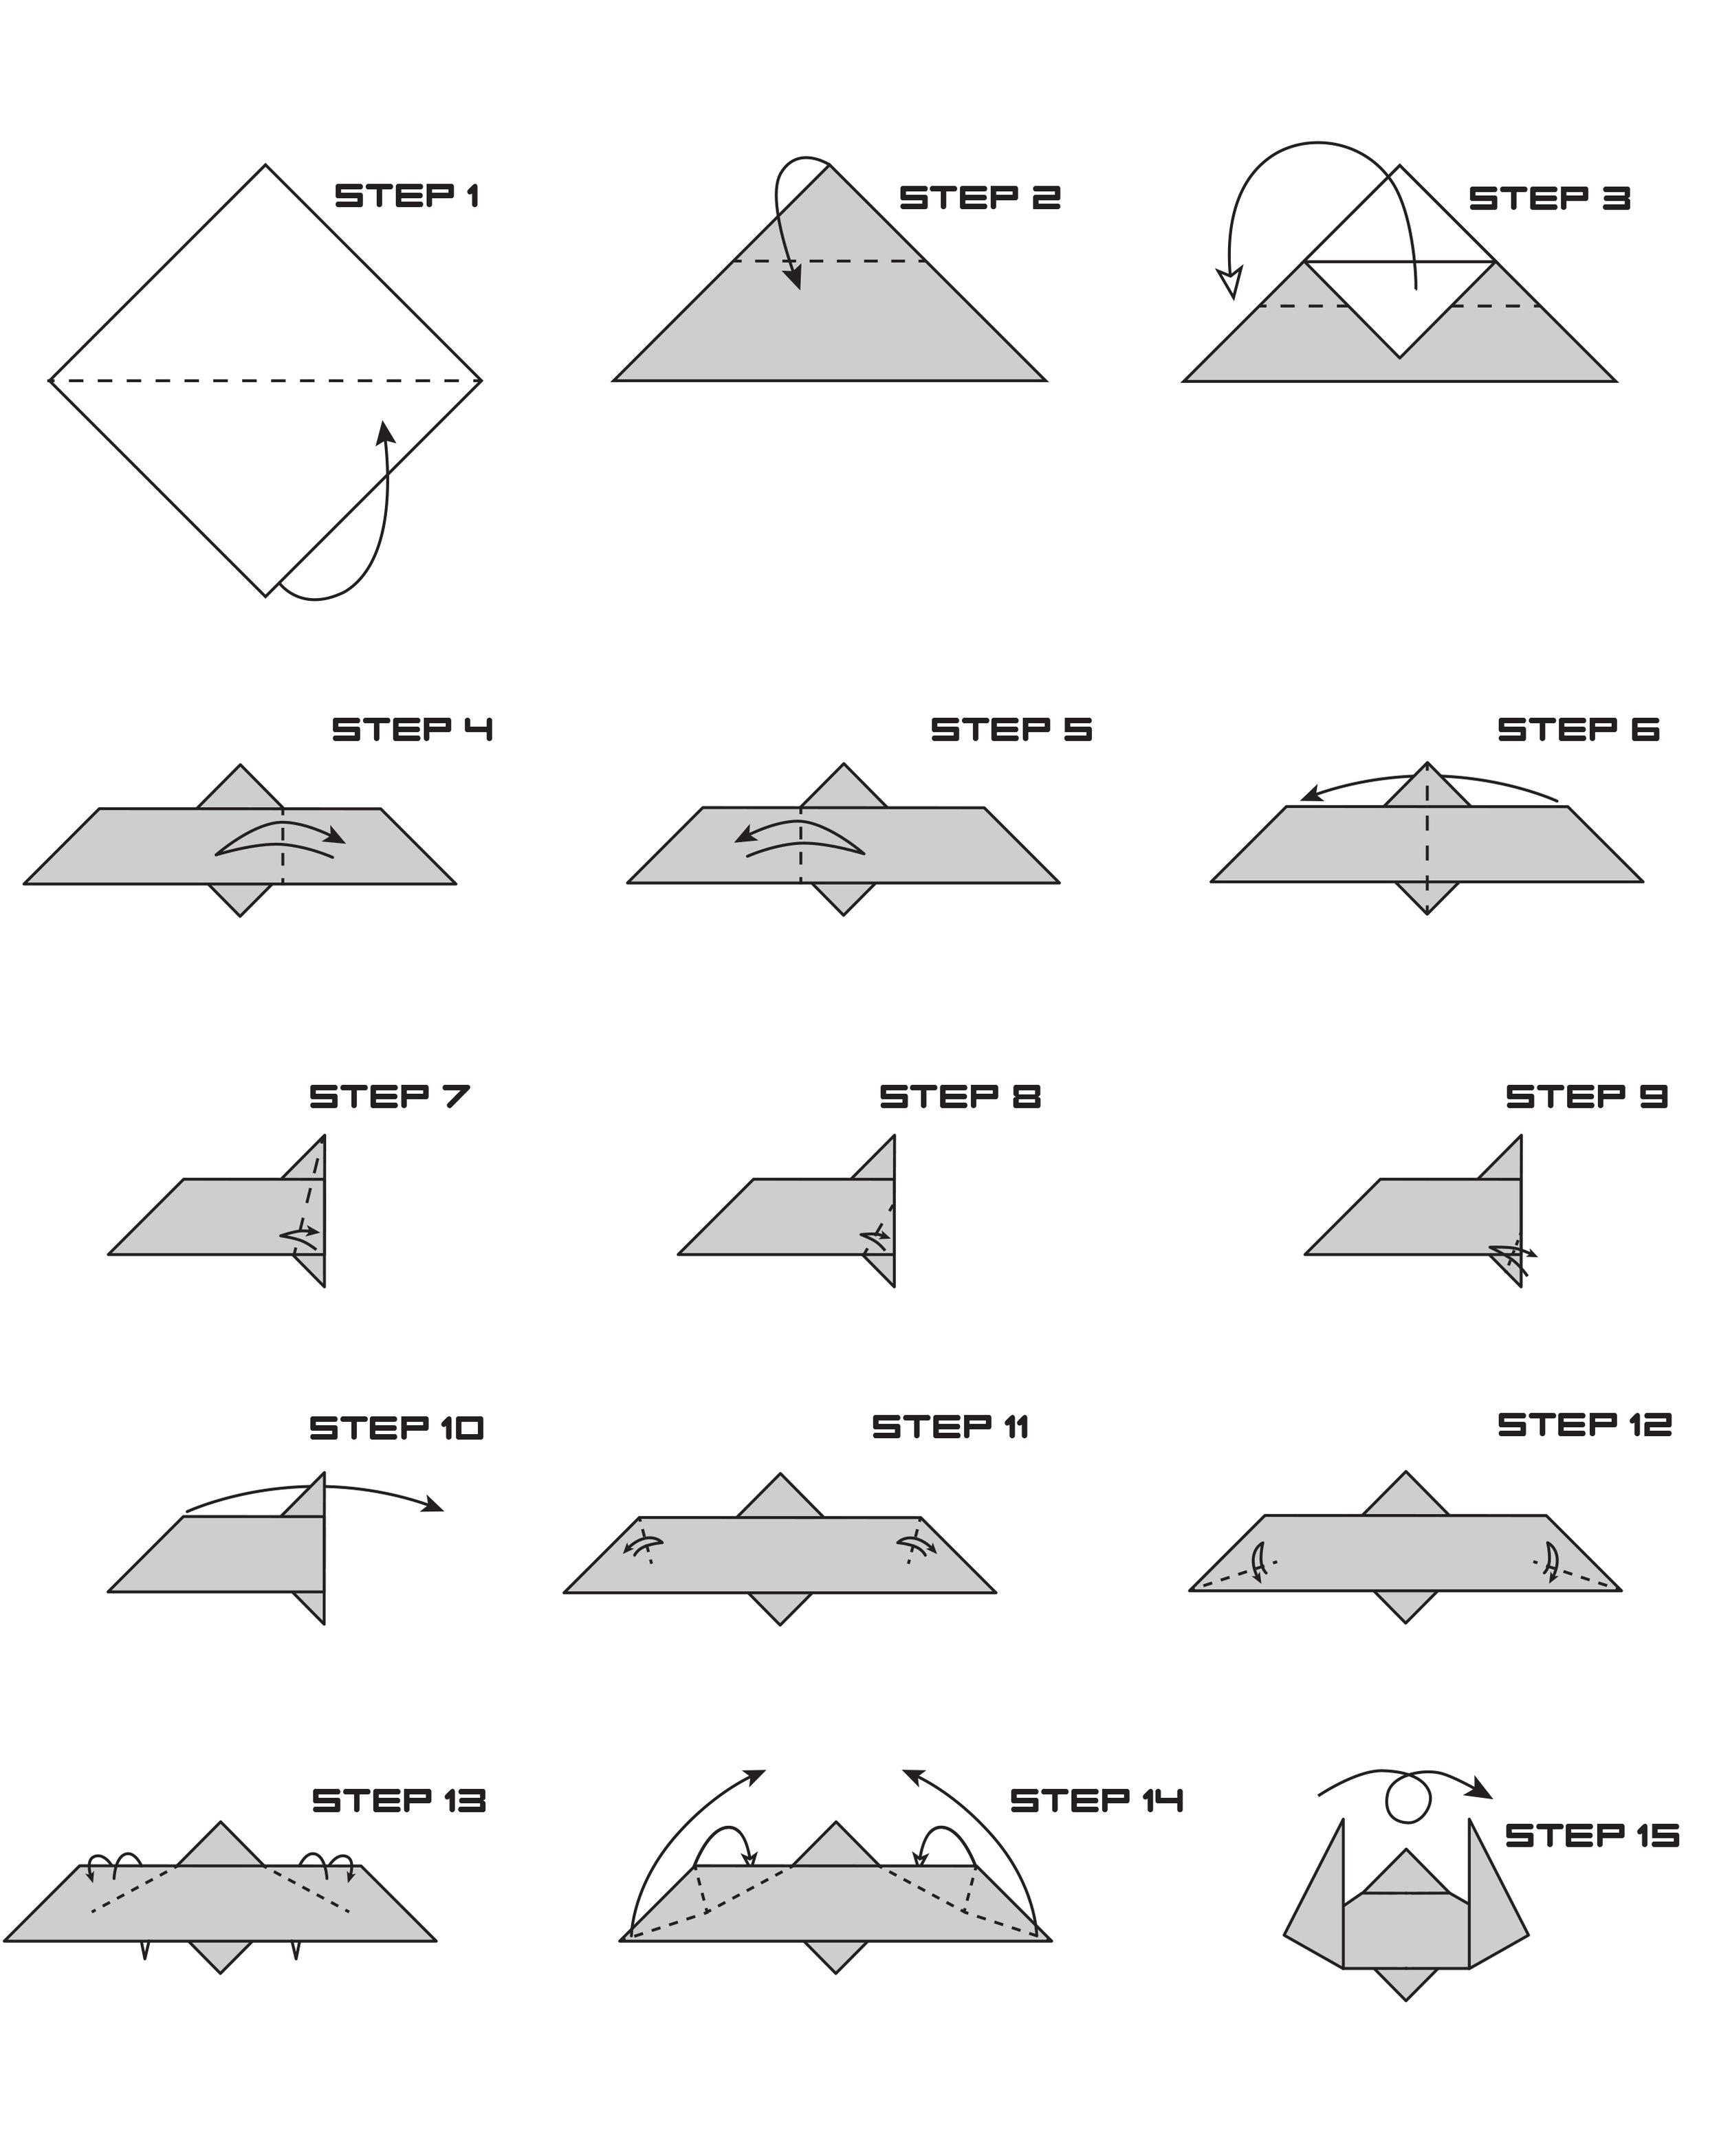 EmwingOrigamiInstructions-1.jpg